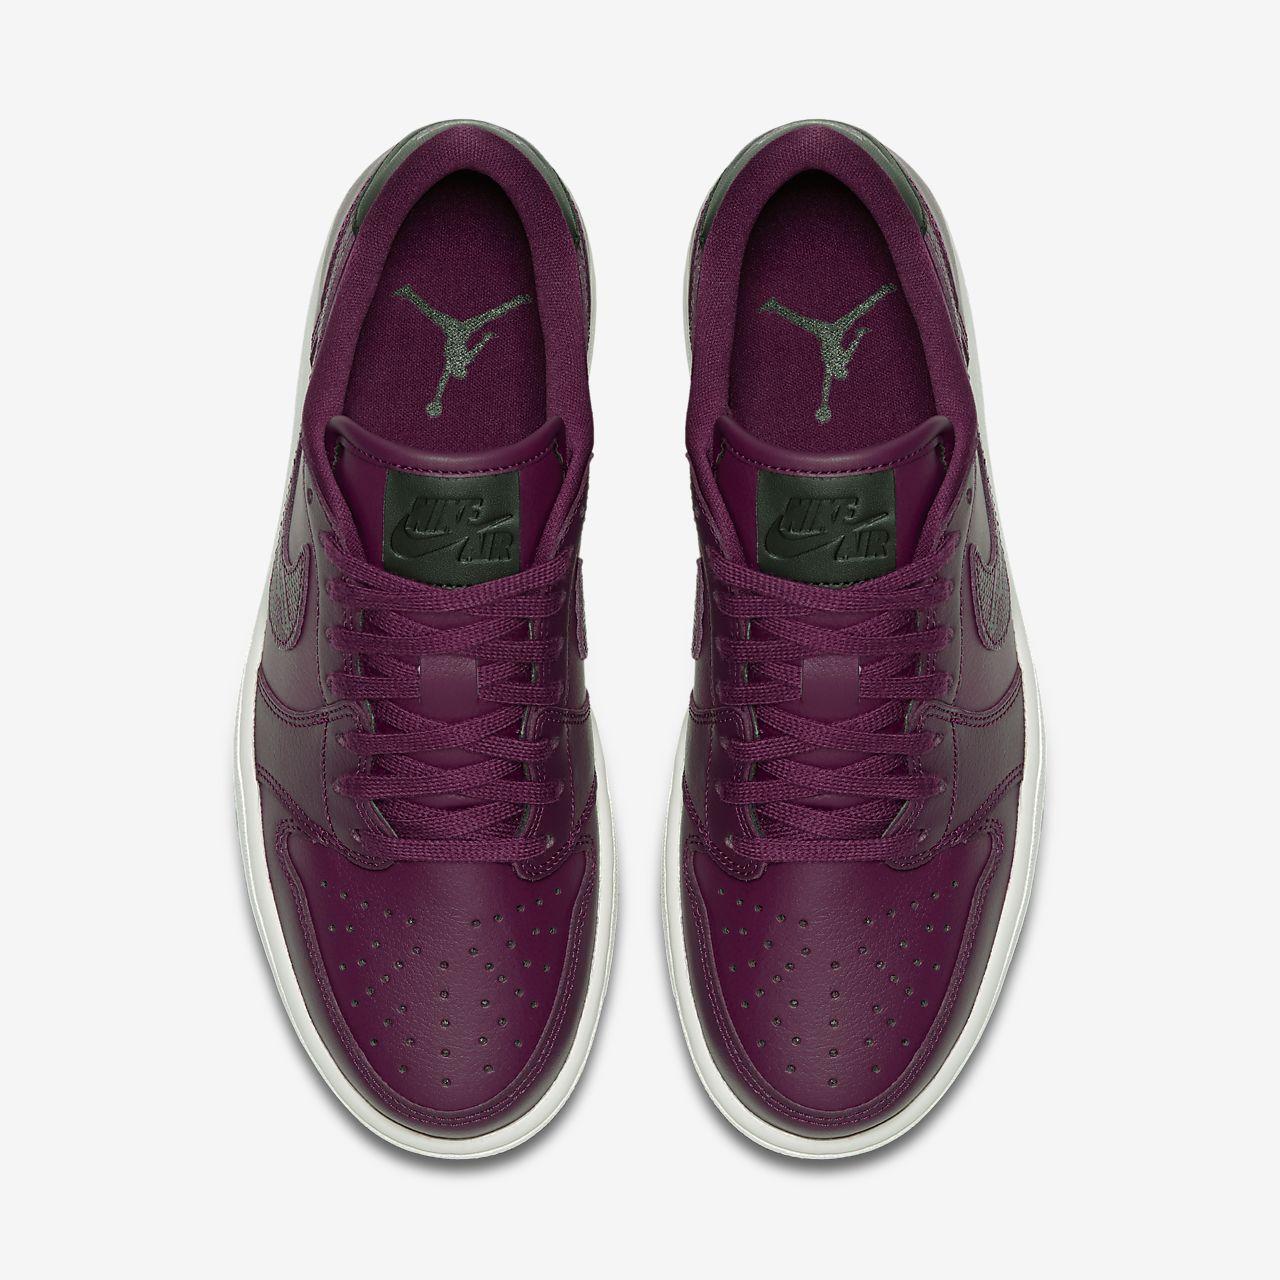 finest selection 05f38 d9e44 Air Jordan 1 Retro Low OG Women's Shoe